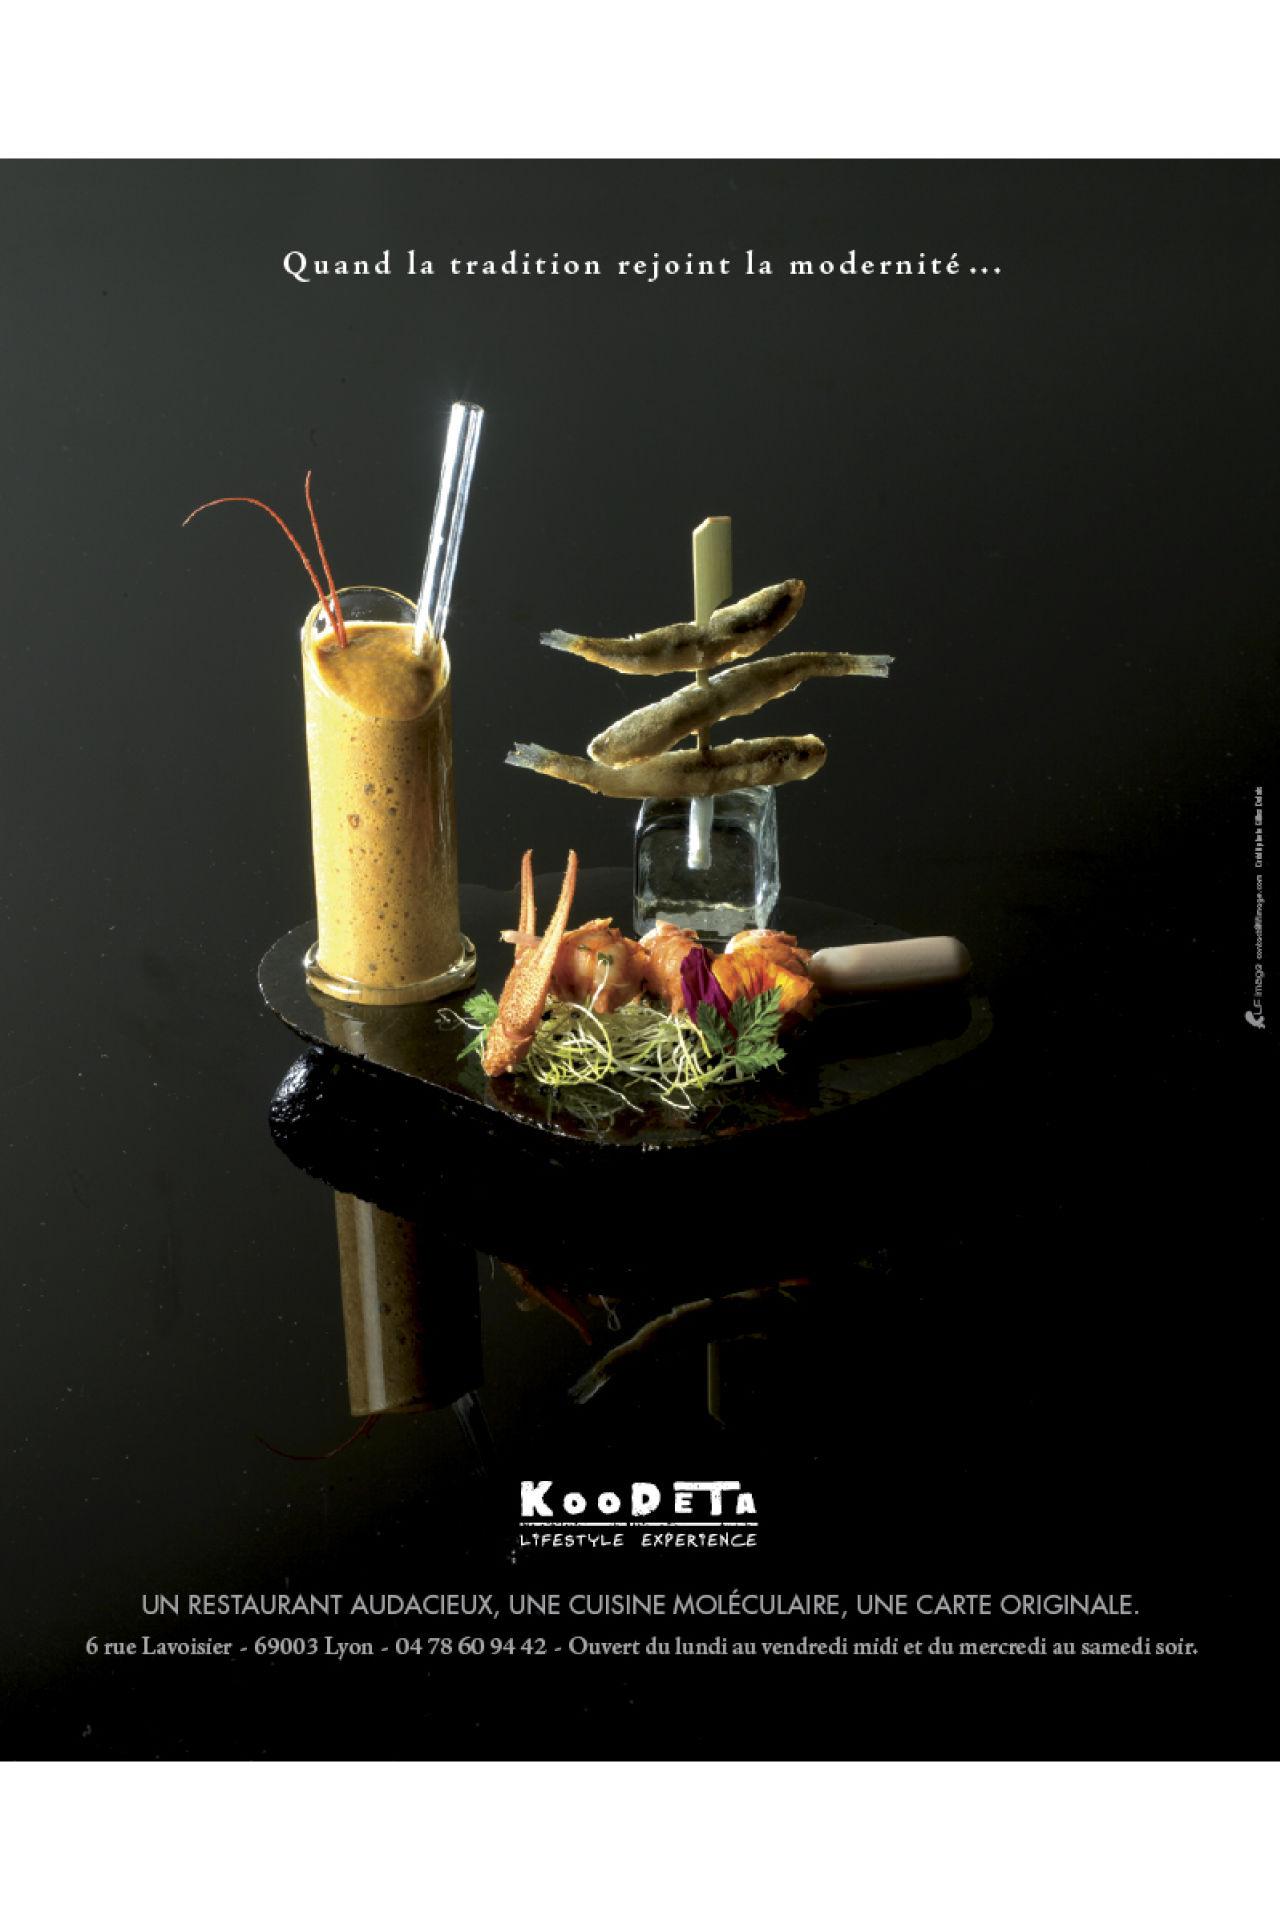 Annonce presse pour le restaurant Le Koodeta